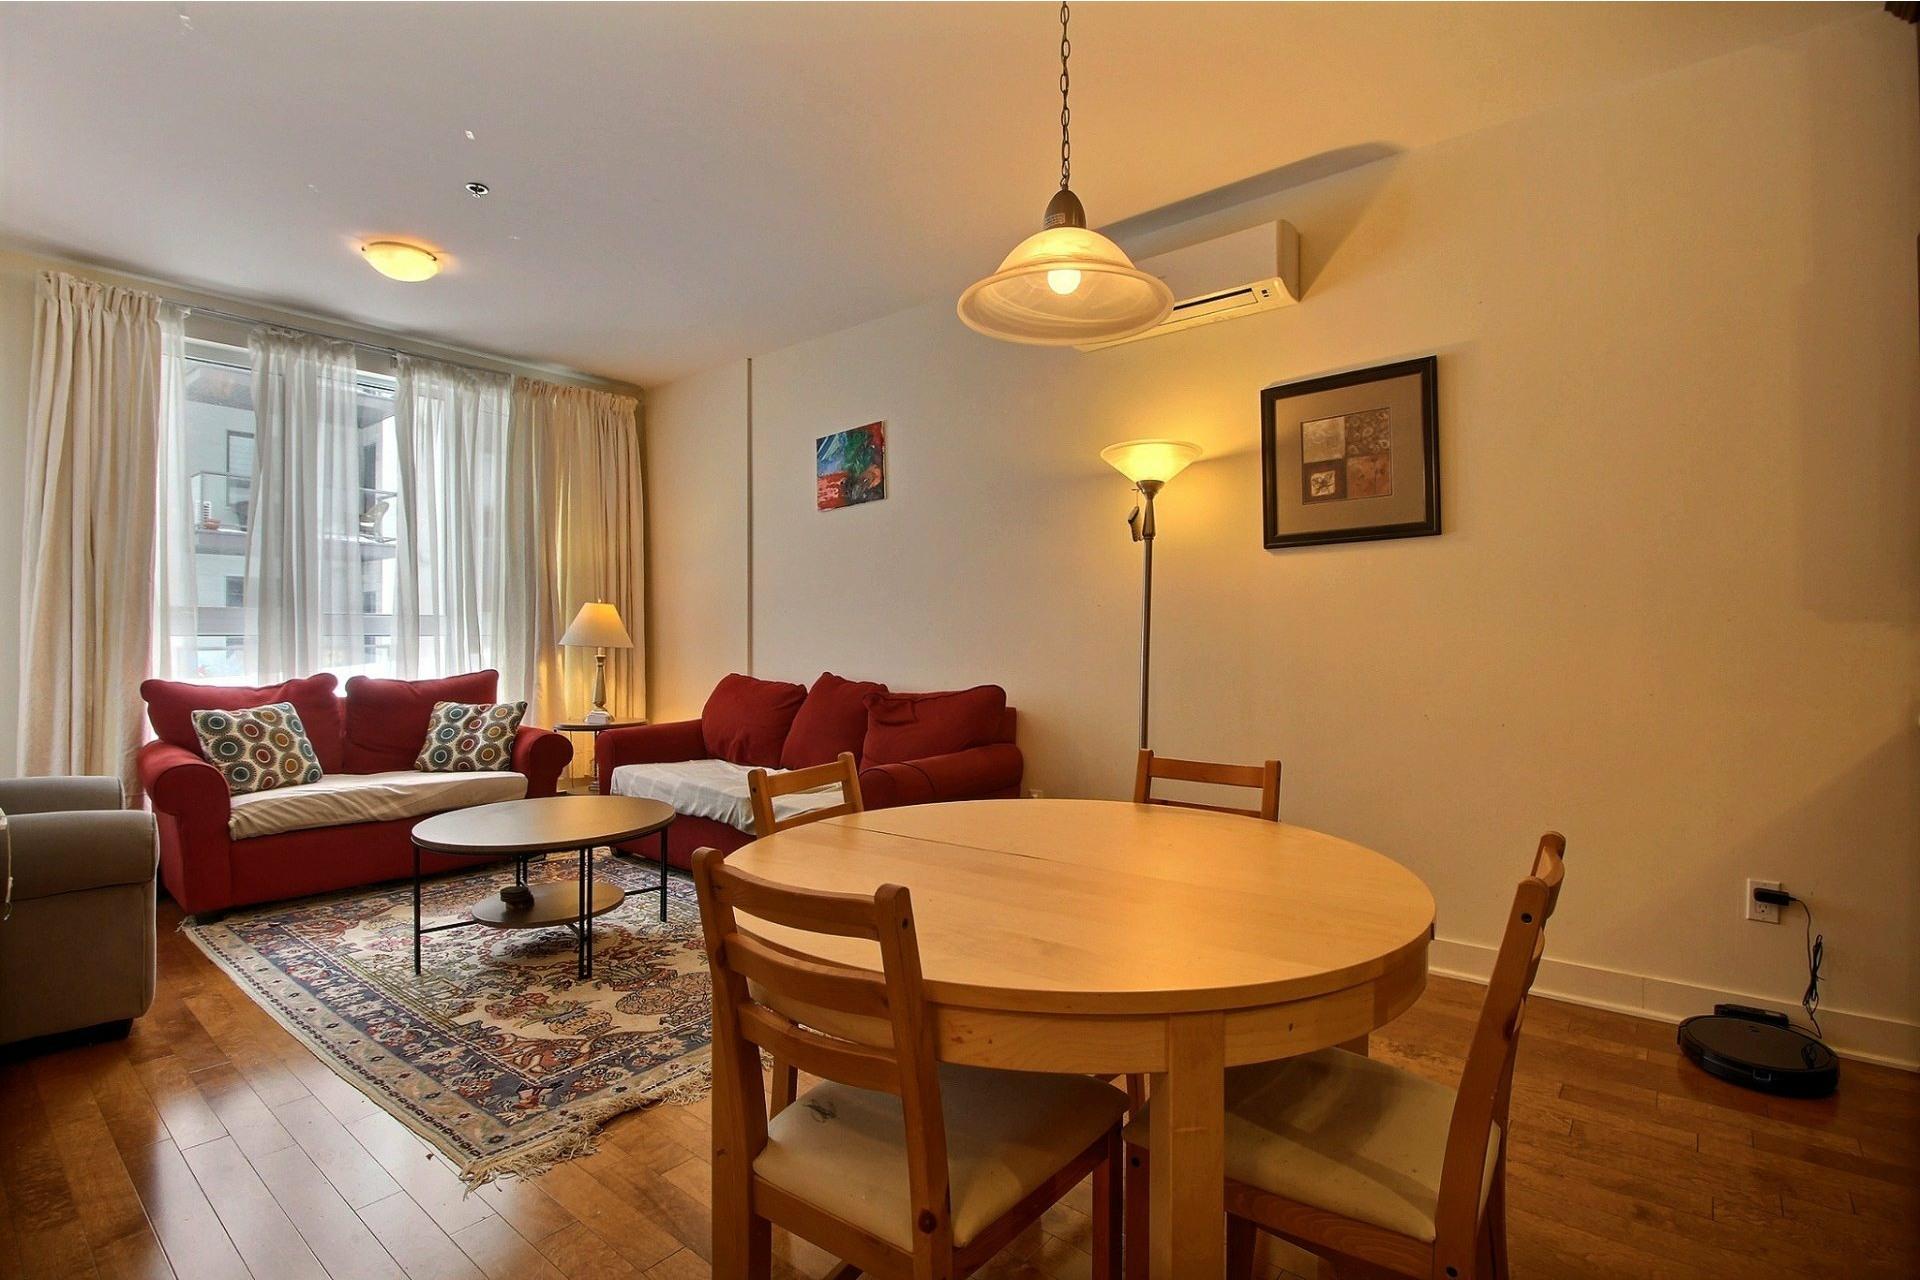 image 6 - Appartement À louer Rivière-des-Prairies/Pointe-aux-Trembles Montréal  - 6 pièces